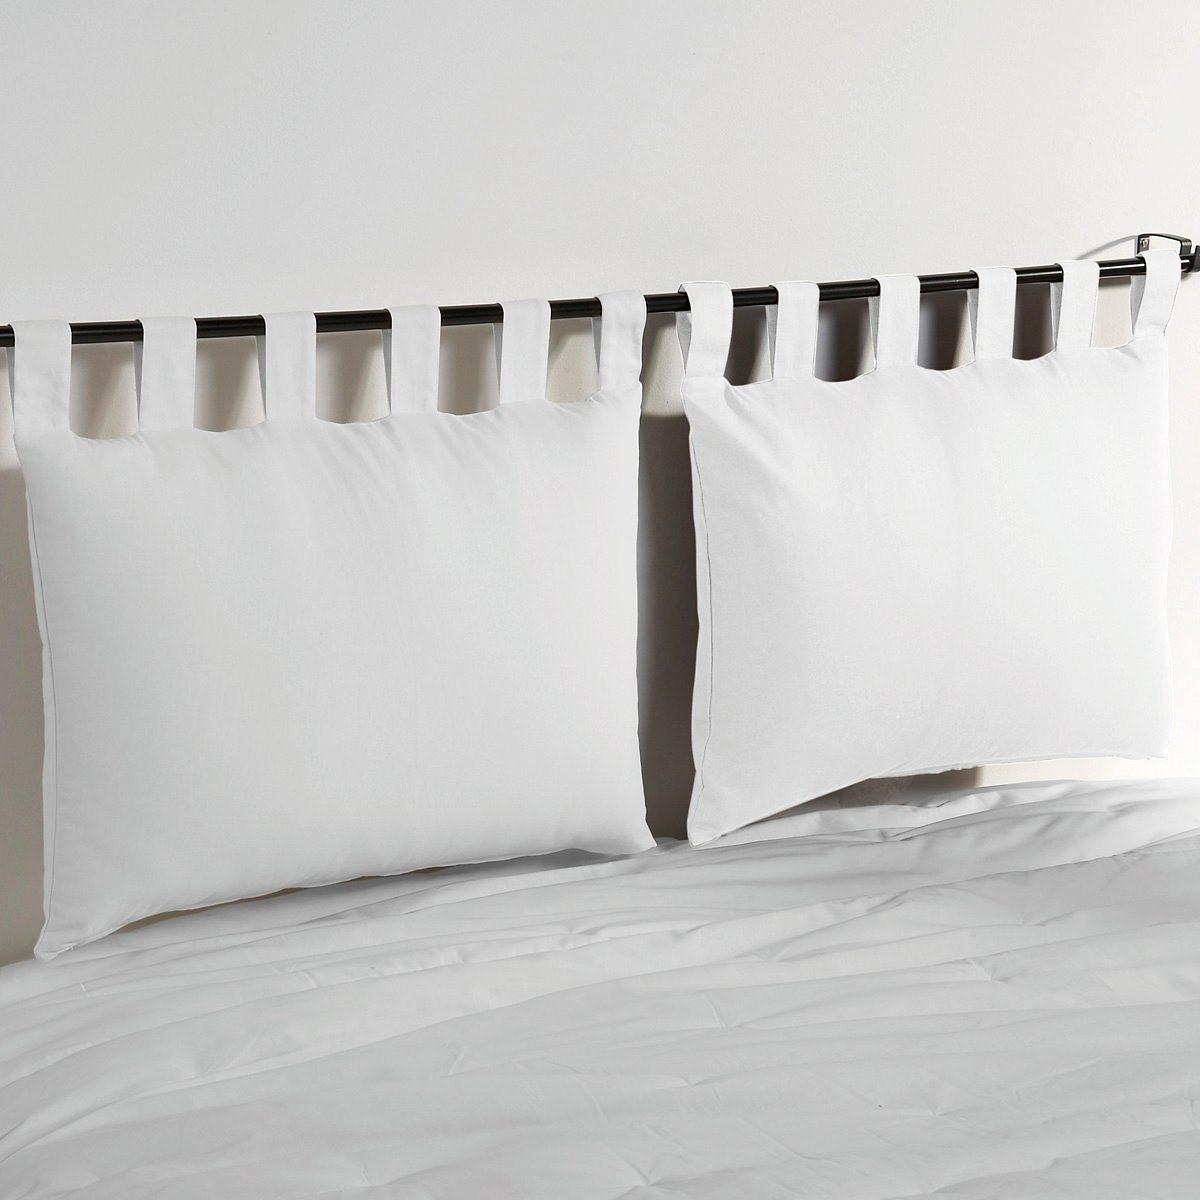 Фото - Набор LaRedoute Из 2 чехлов для подушки изголовья кровати из хлопка Scenario 50 x 70 см белый покрывало laredoute стеганое из 100 хлопка scenario 230 x 250 см белый